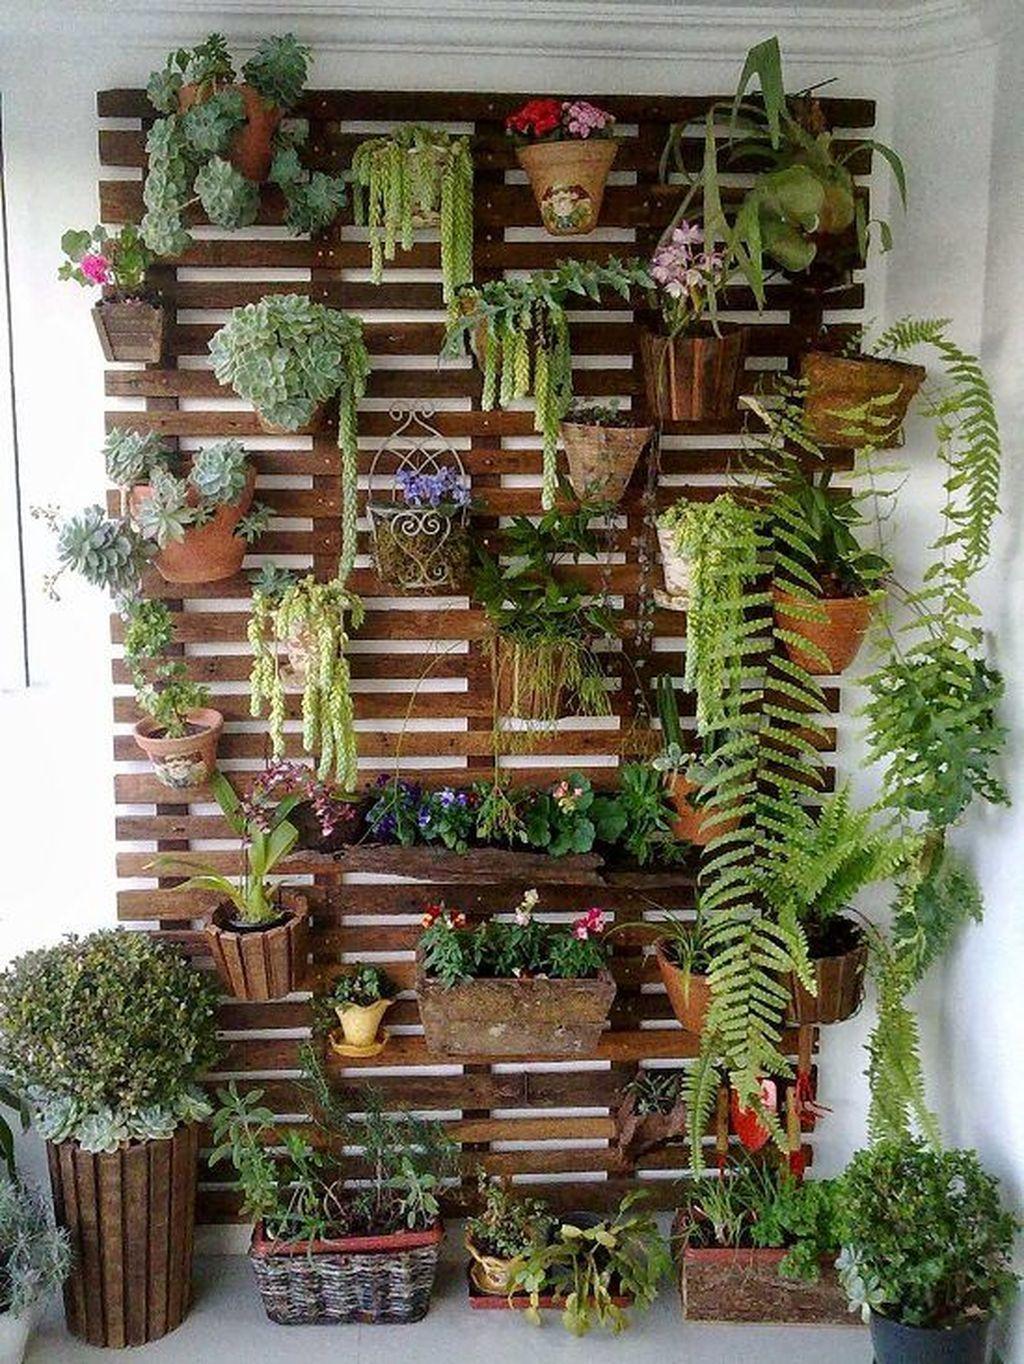 34 The Best Indoor Garden Ideas To Beautify Your Home Magzhouse Vertical Garden Indoor Vertical Garden Diy Vertical Garden Design